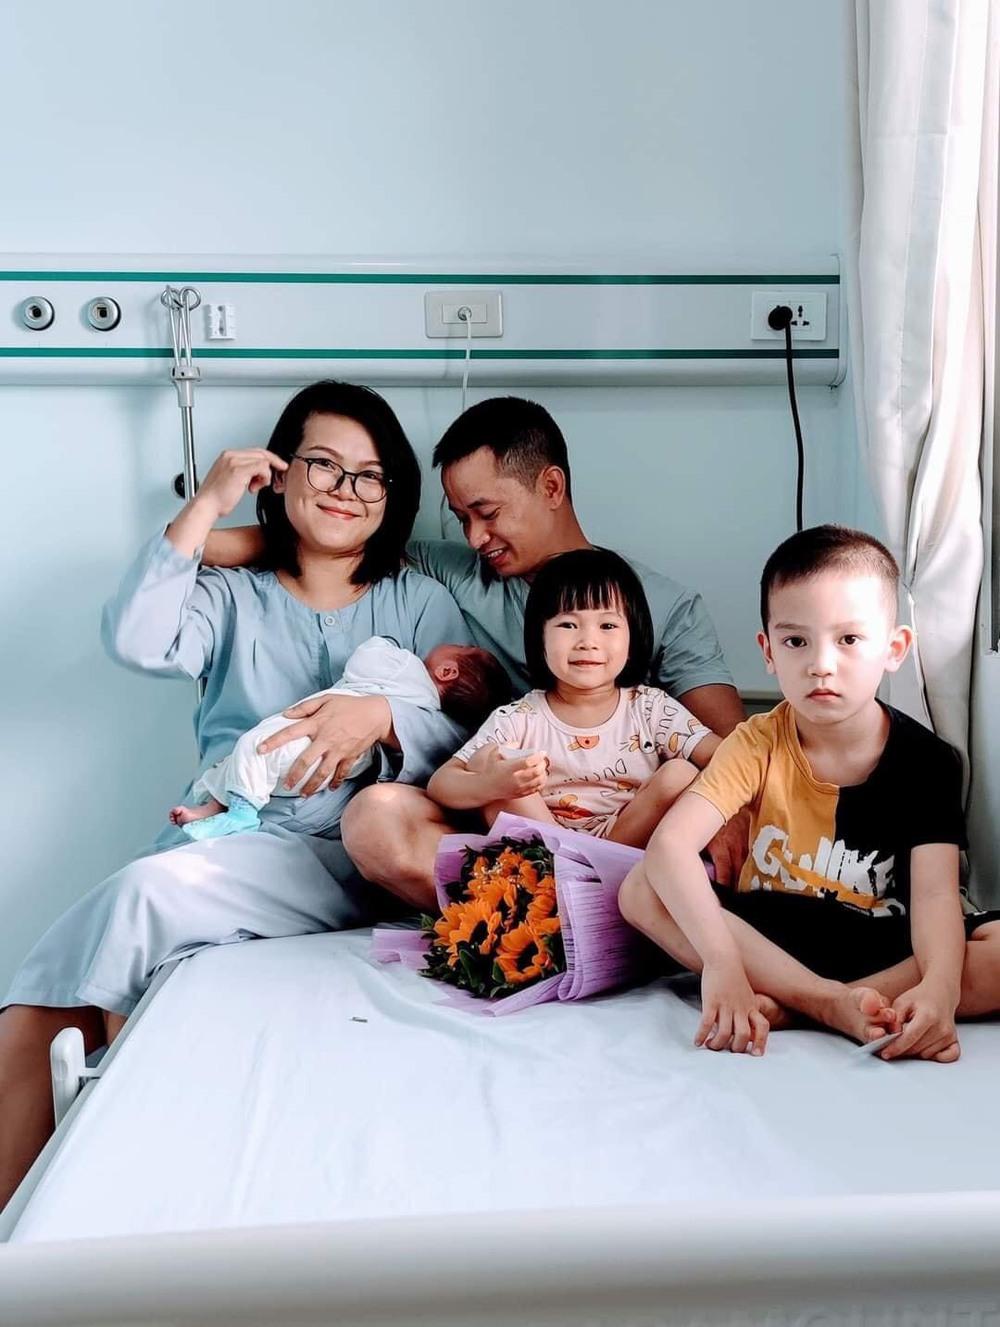 Chồng nghỉ việc ở nhà chăm con, vợ được đà sinh liền 5 năm 4 bé, dân mạng đều cùng đặt một câu hỏi - Ảnh 4.